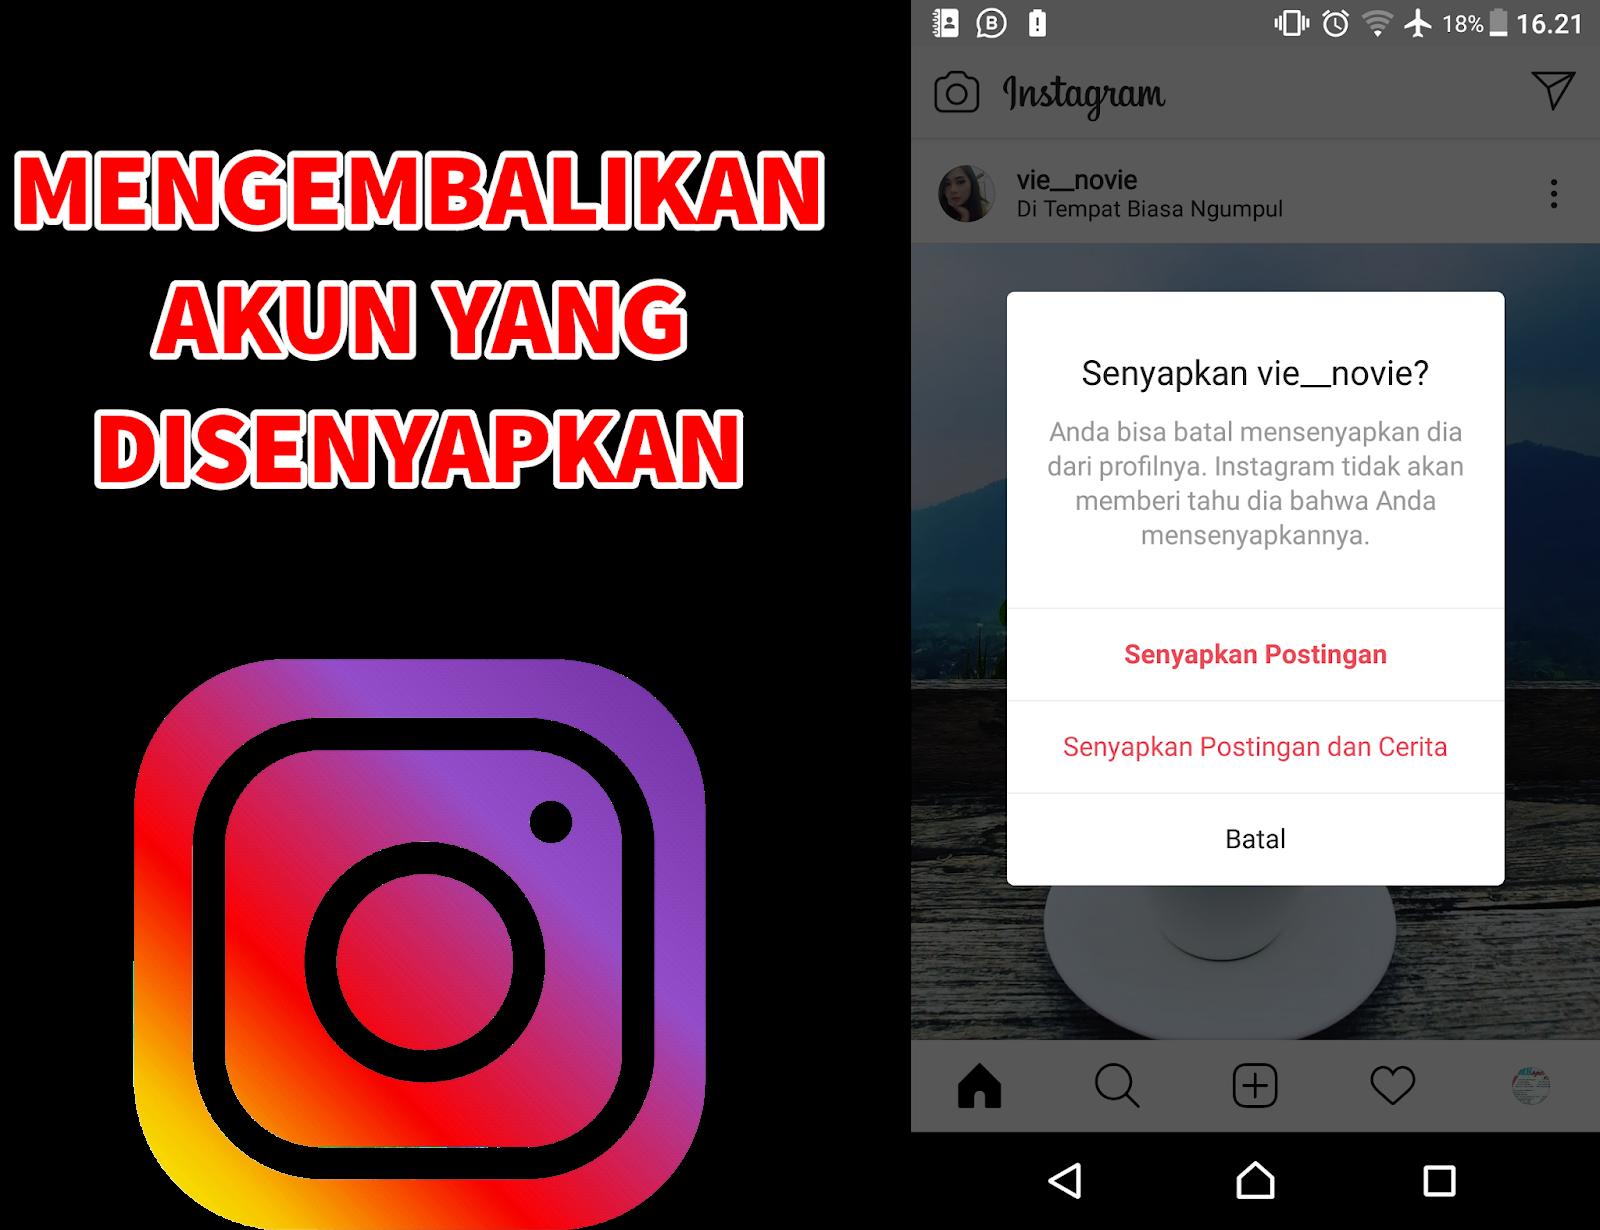 cara mengembalikan postingan dan cerita